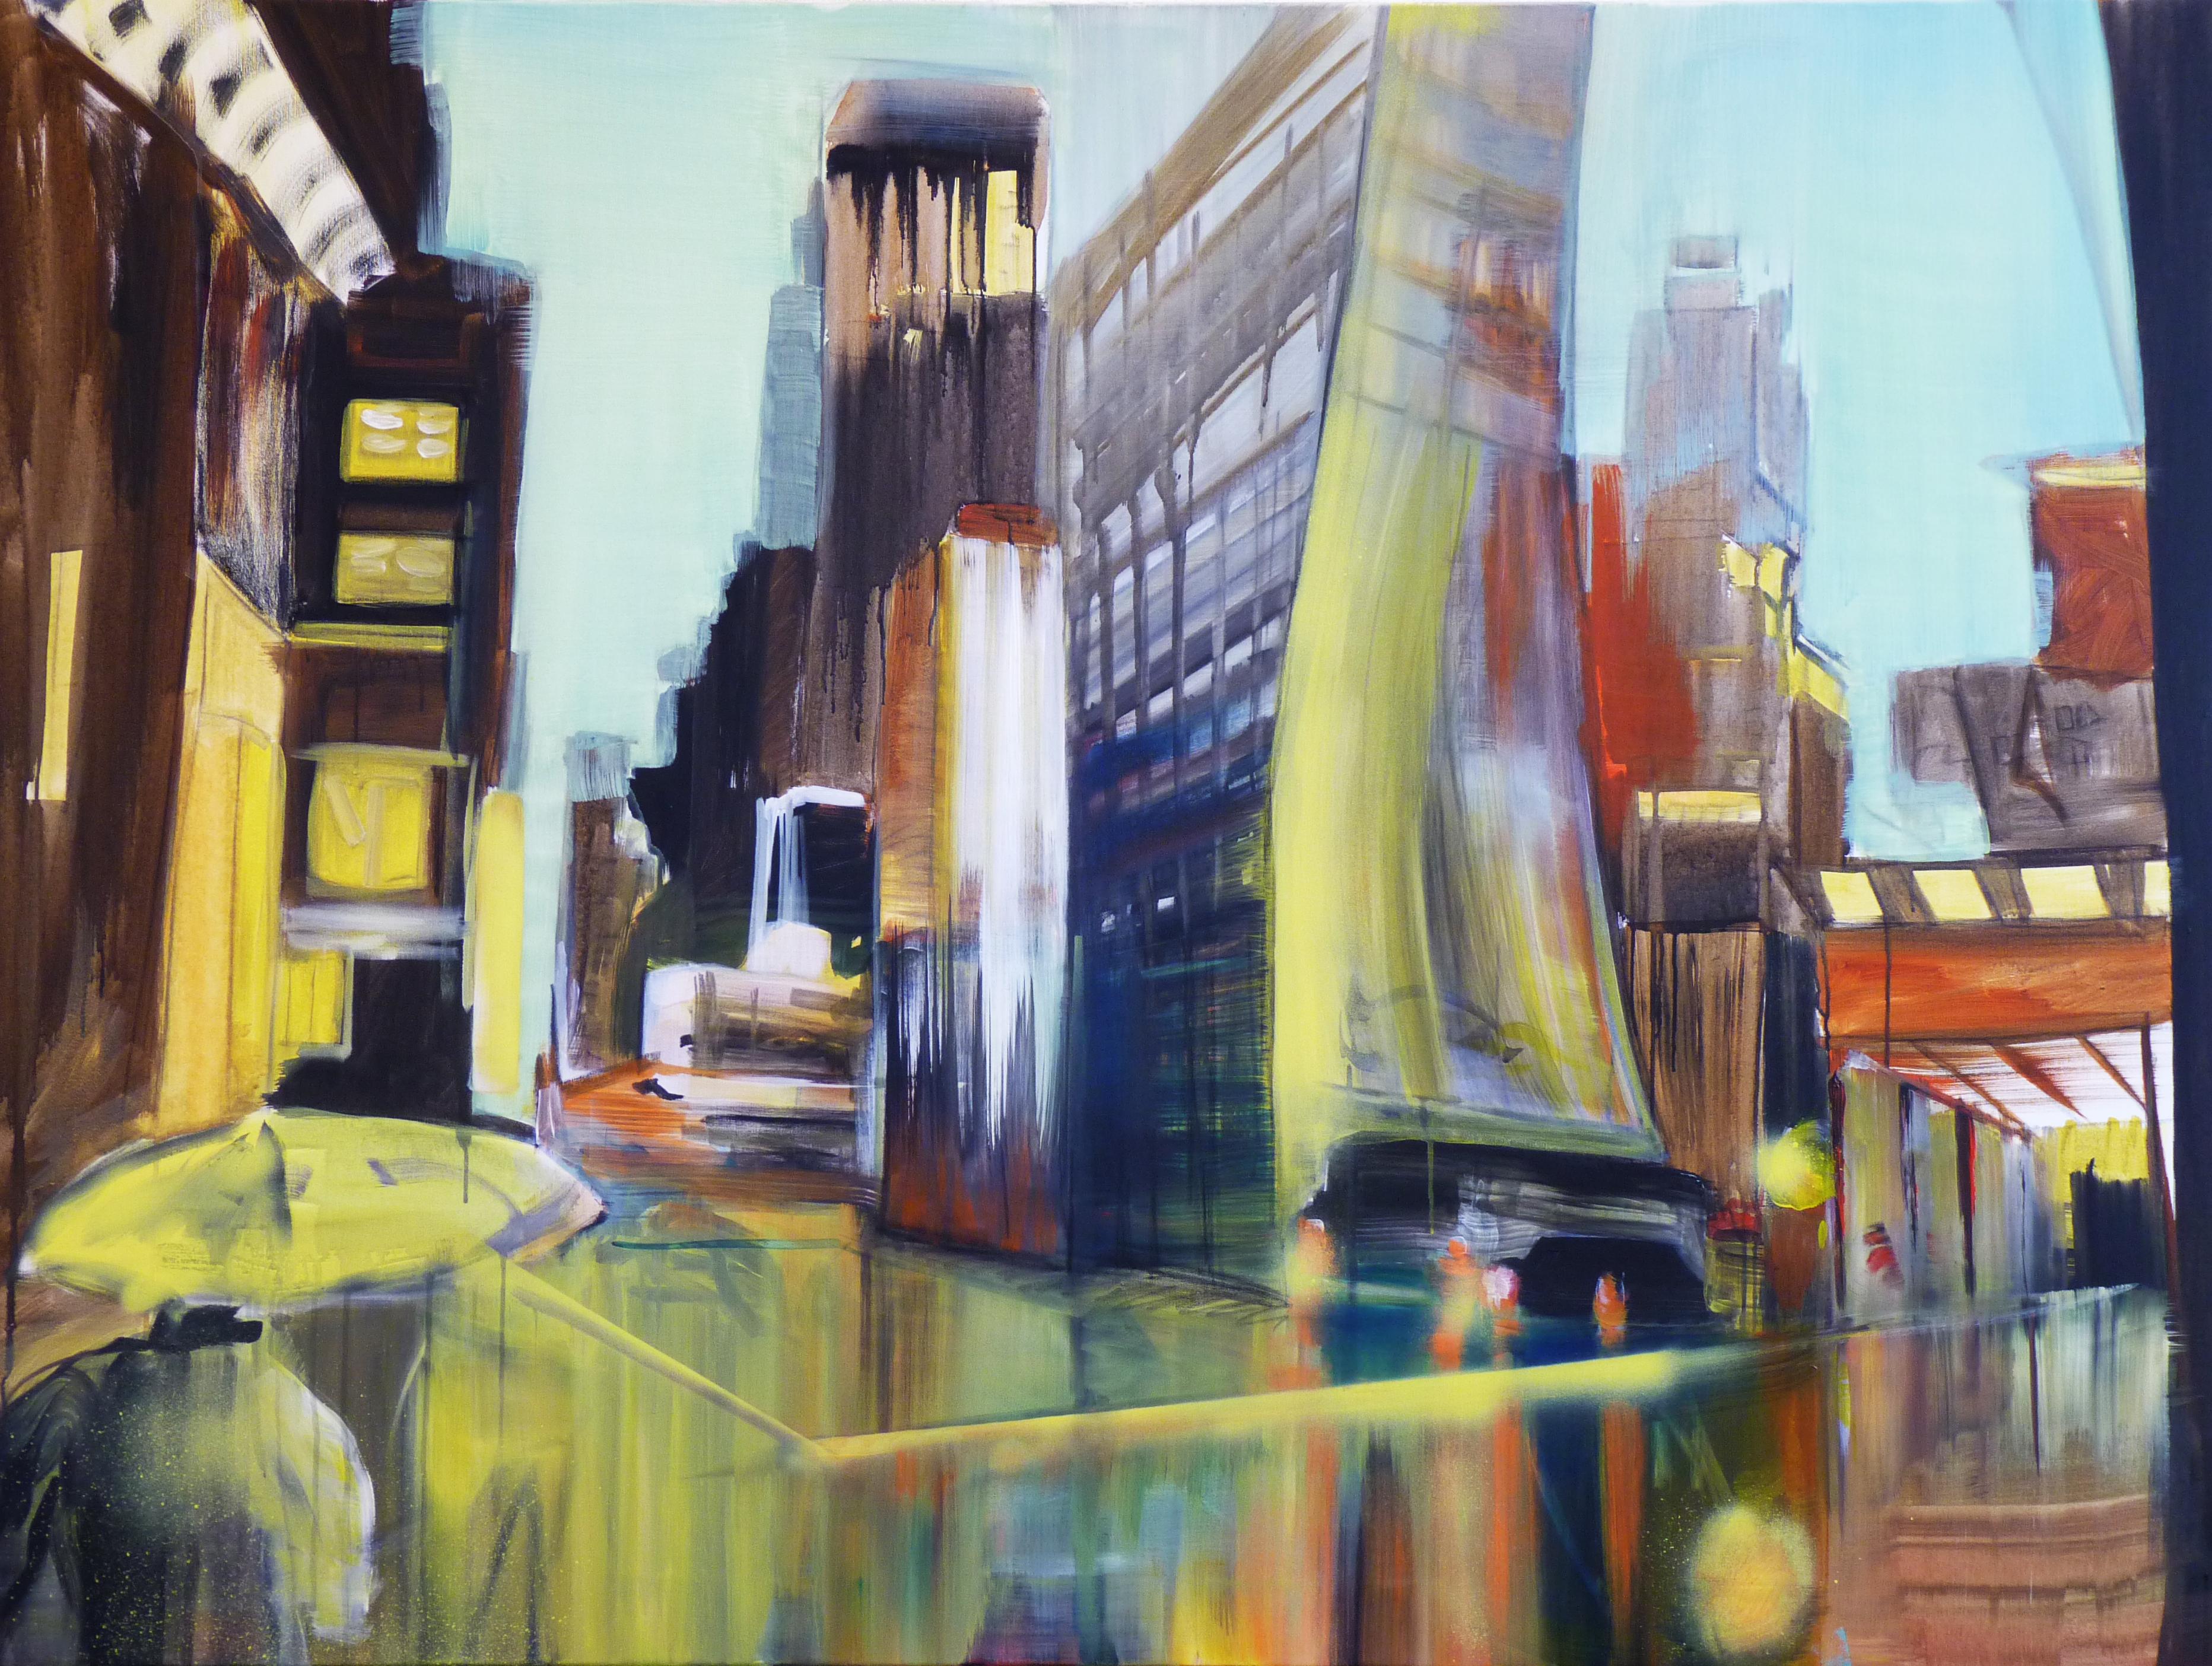 Composition 3, 120 x 160